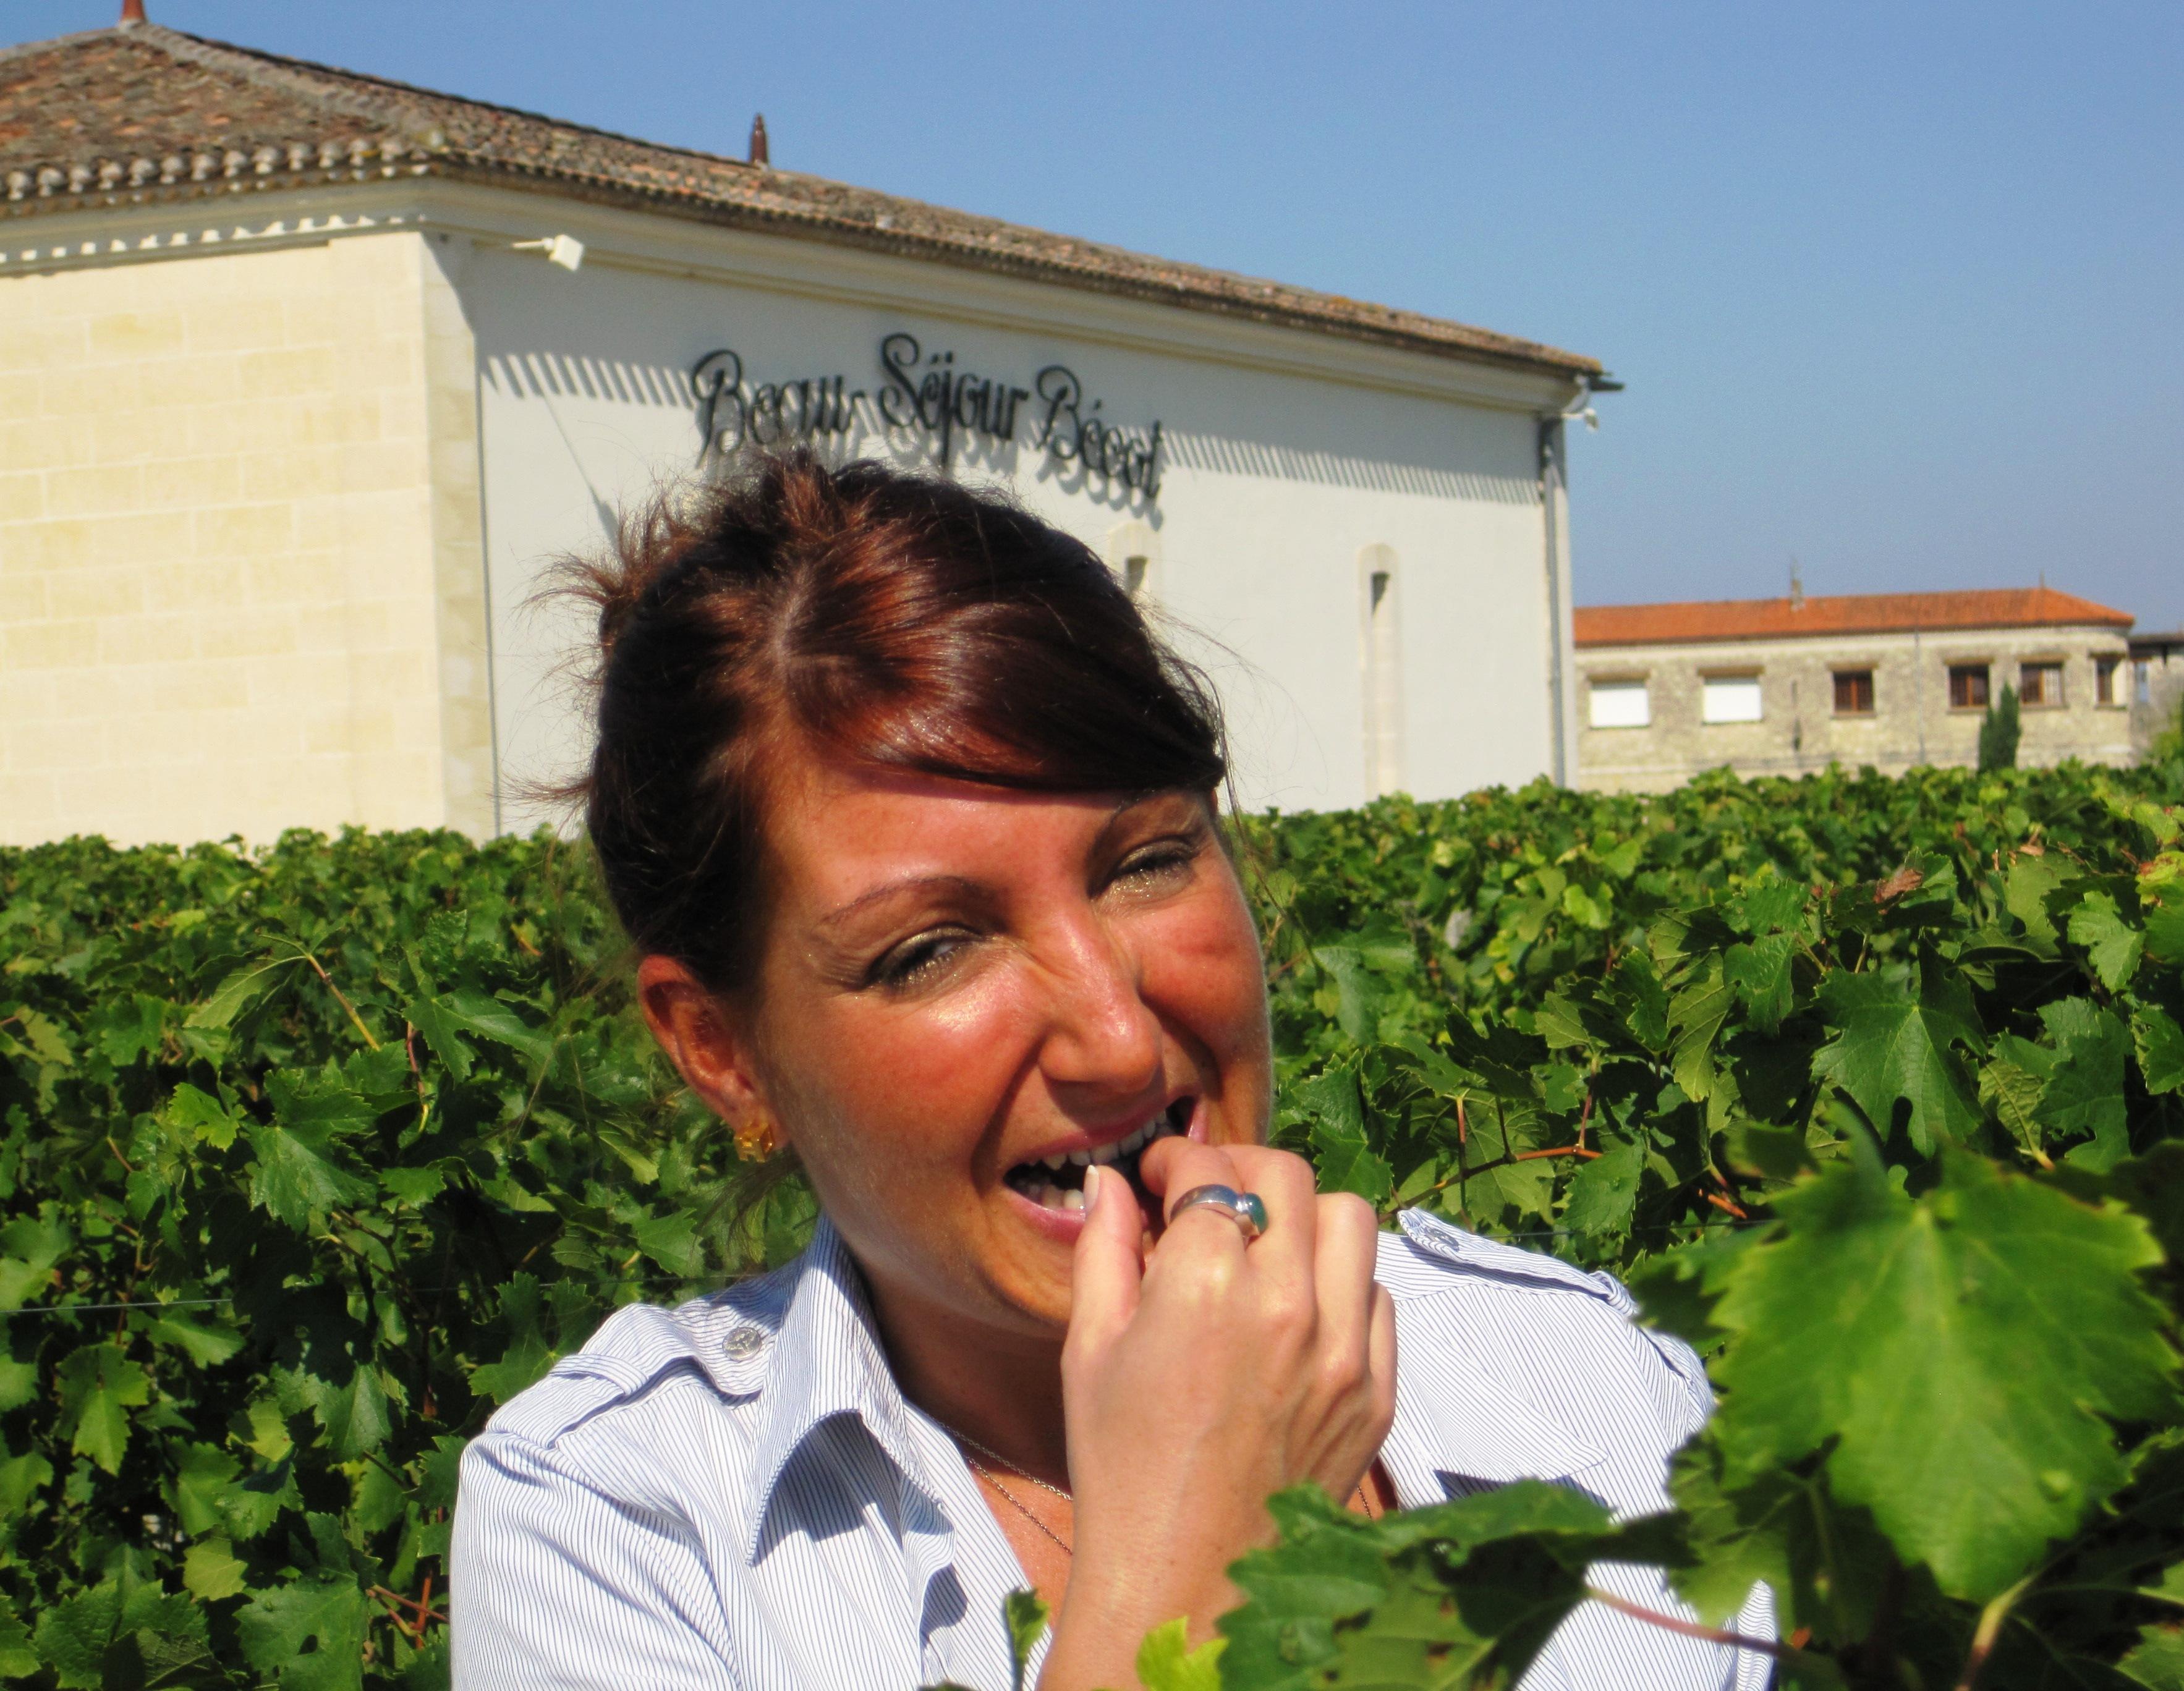 2009 St. Emilion Bordeaux Wine Pt 1 2009 Vintage Report